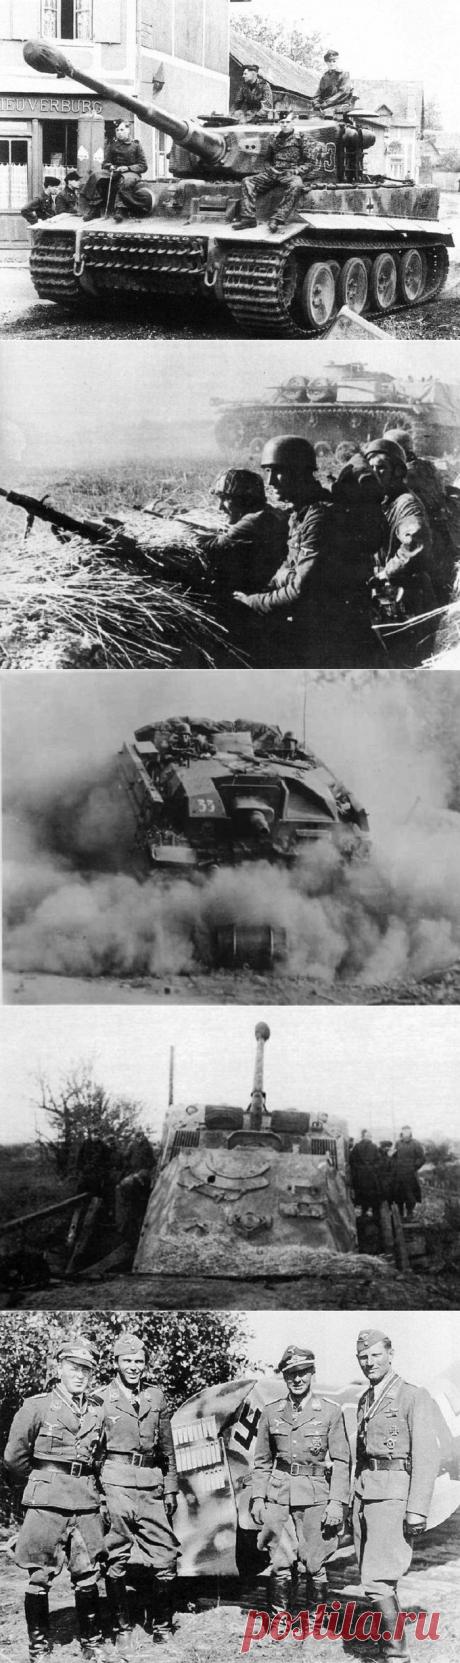 Документальные фотографии немецких военкоров, сделанные в дни Второй мировой